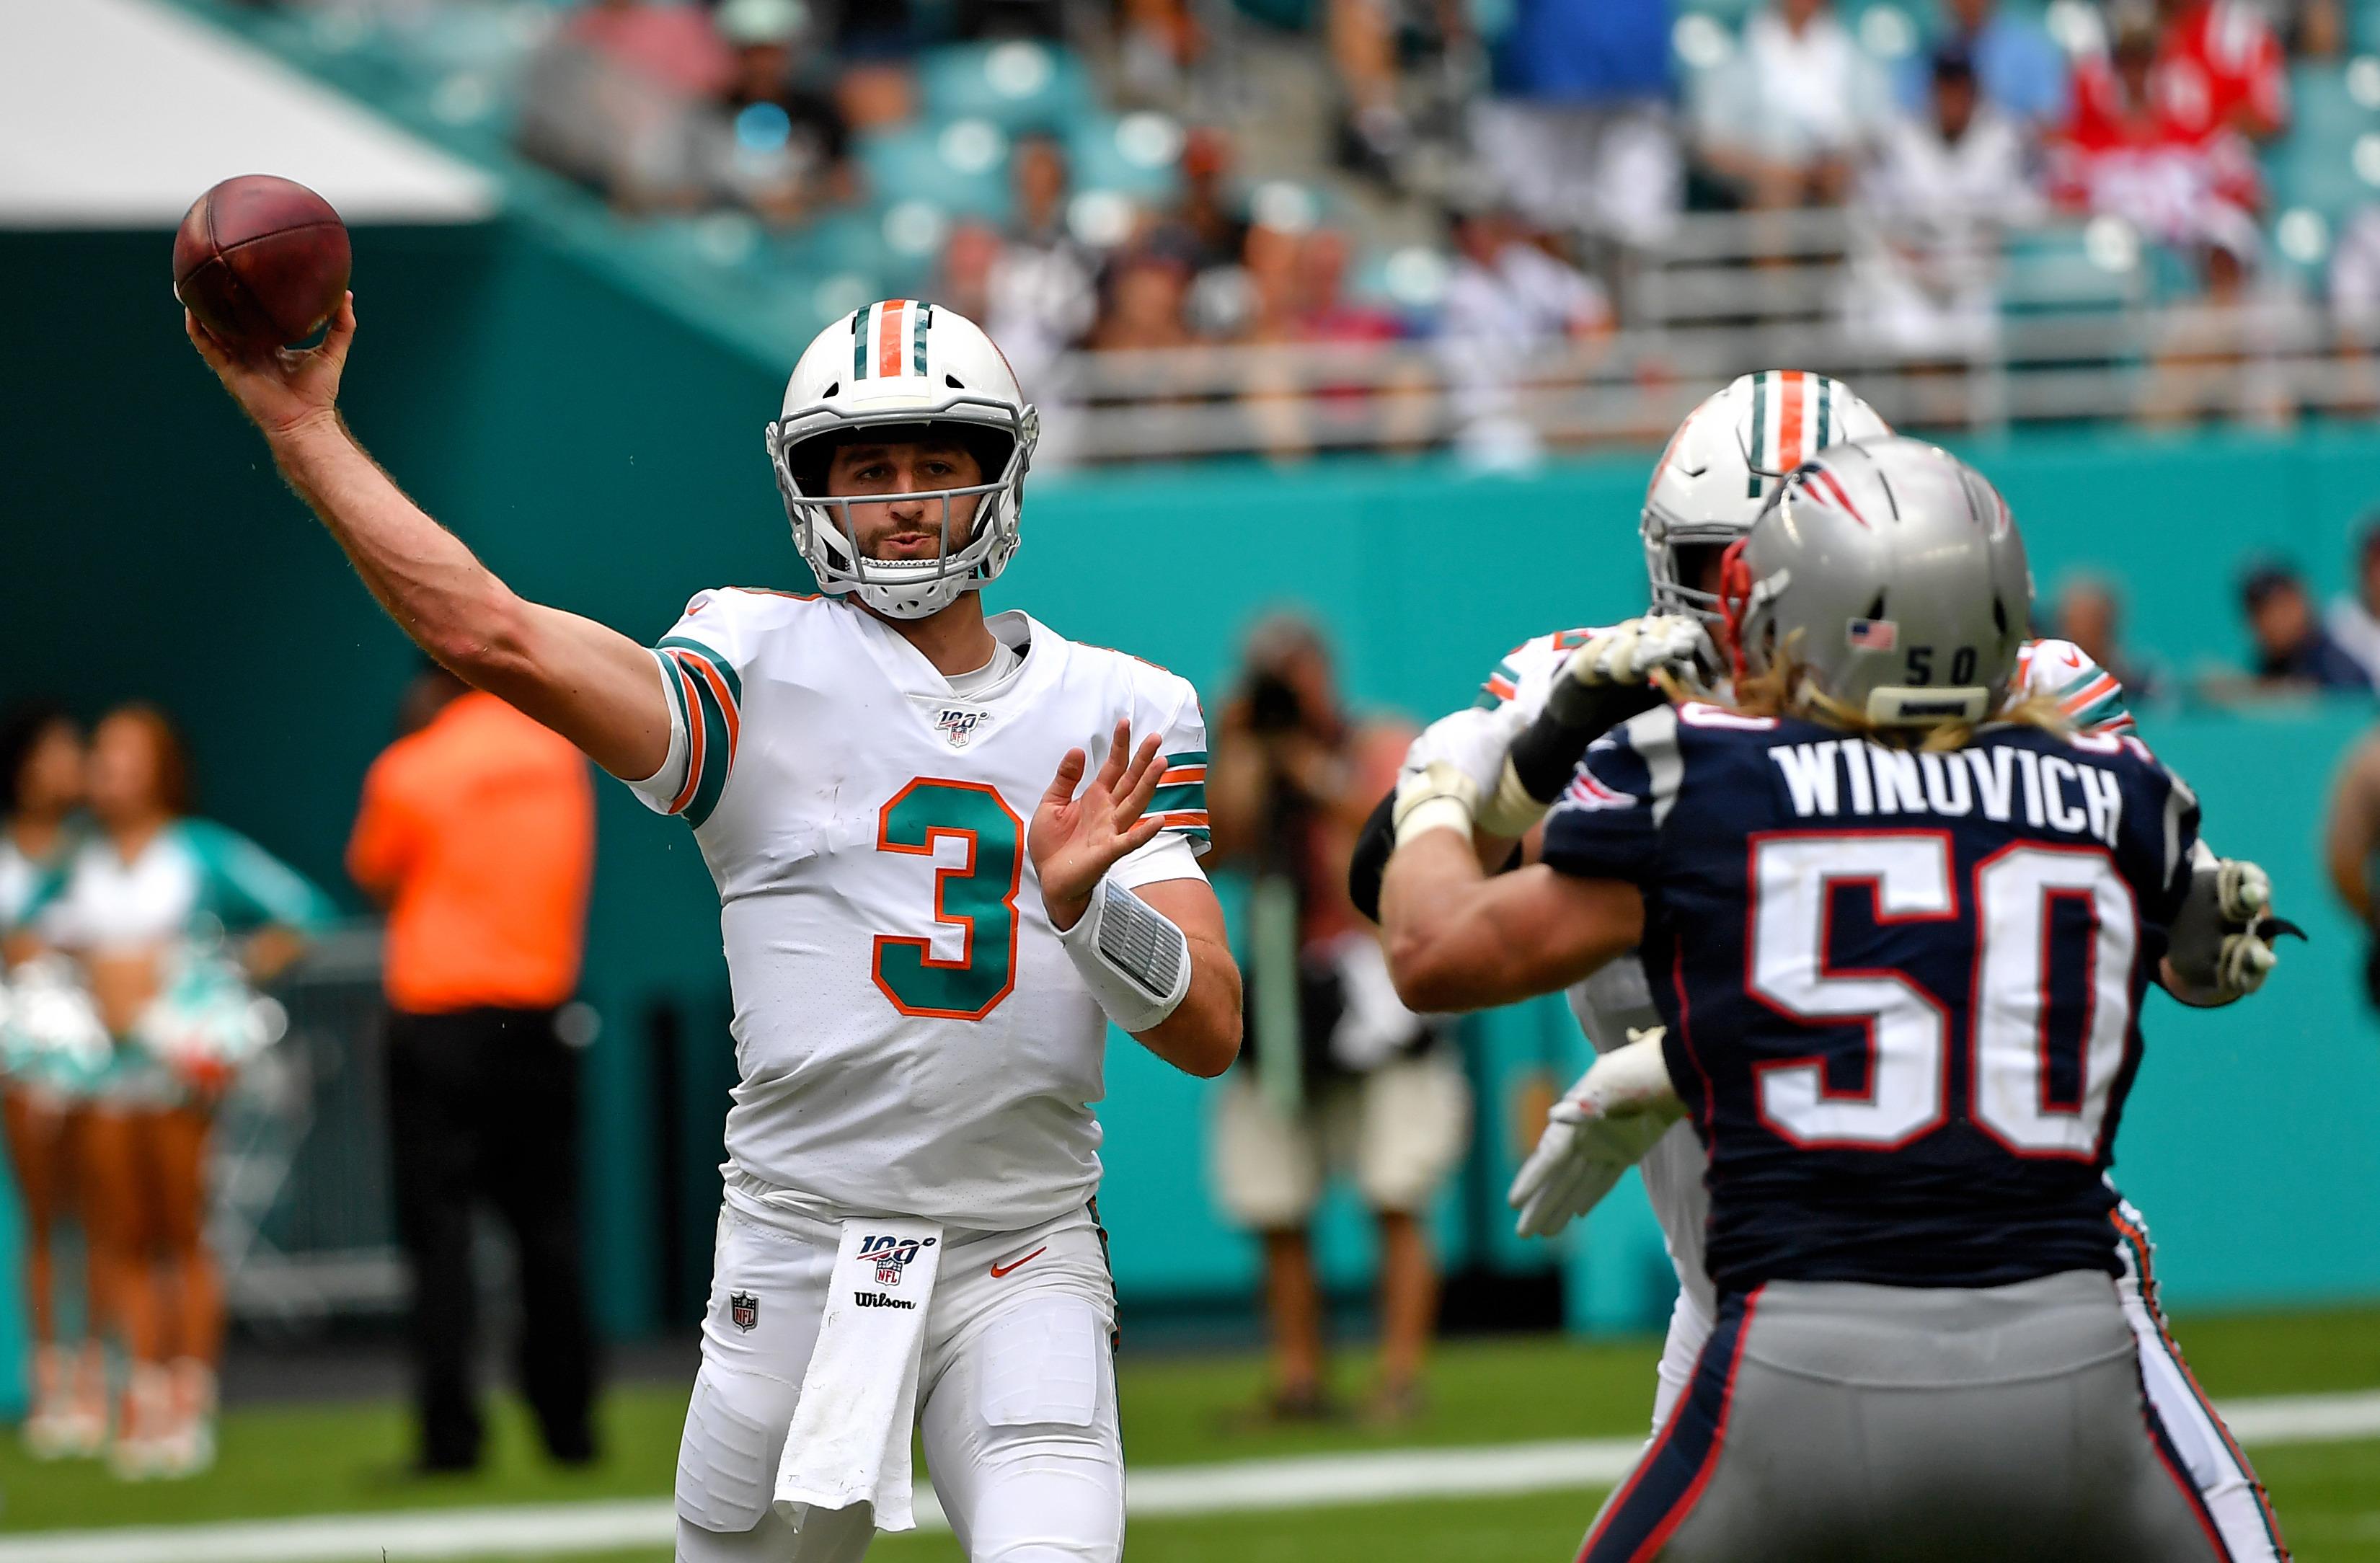 Dolphins rumors indicate team may start Josh Rosen at quarterback next week